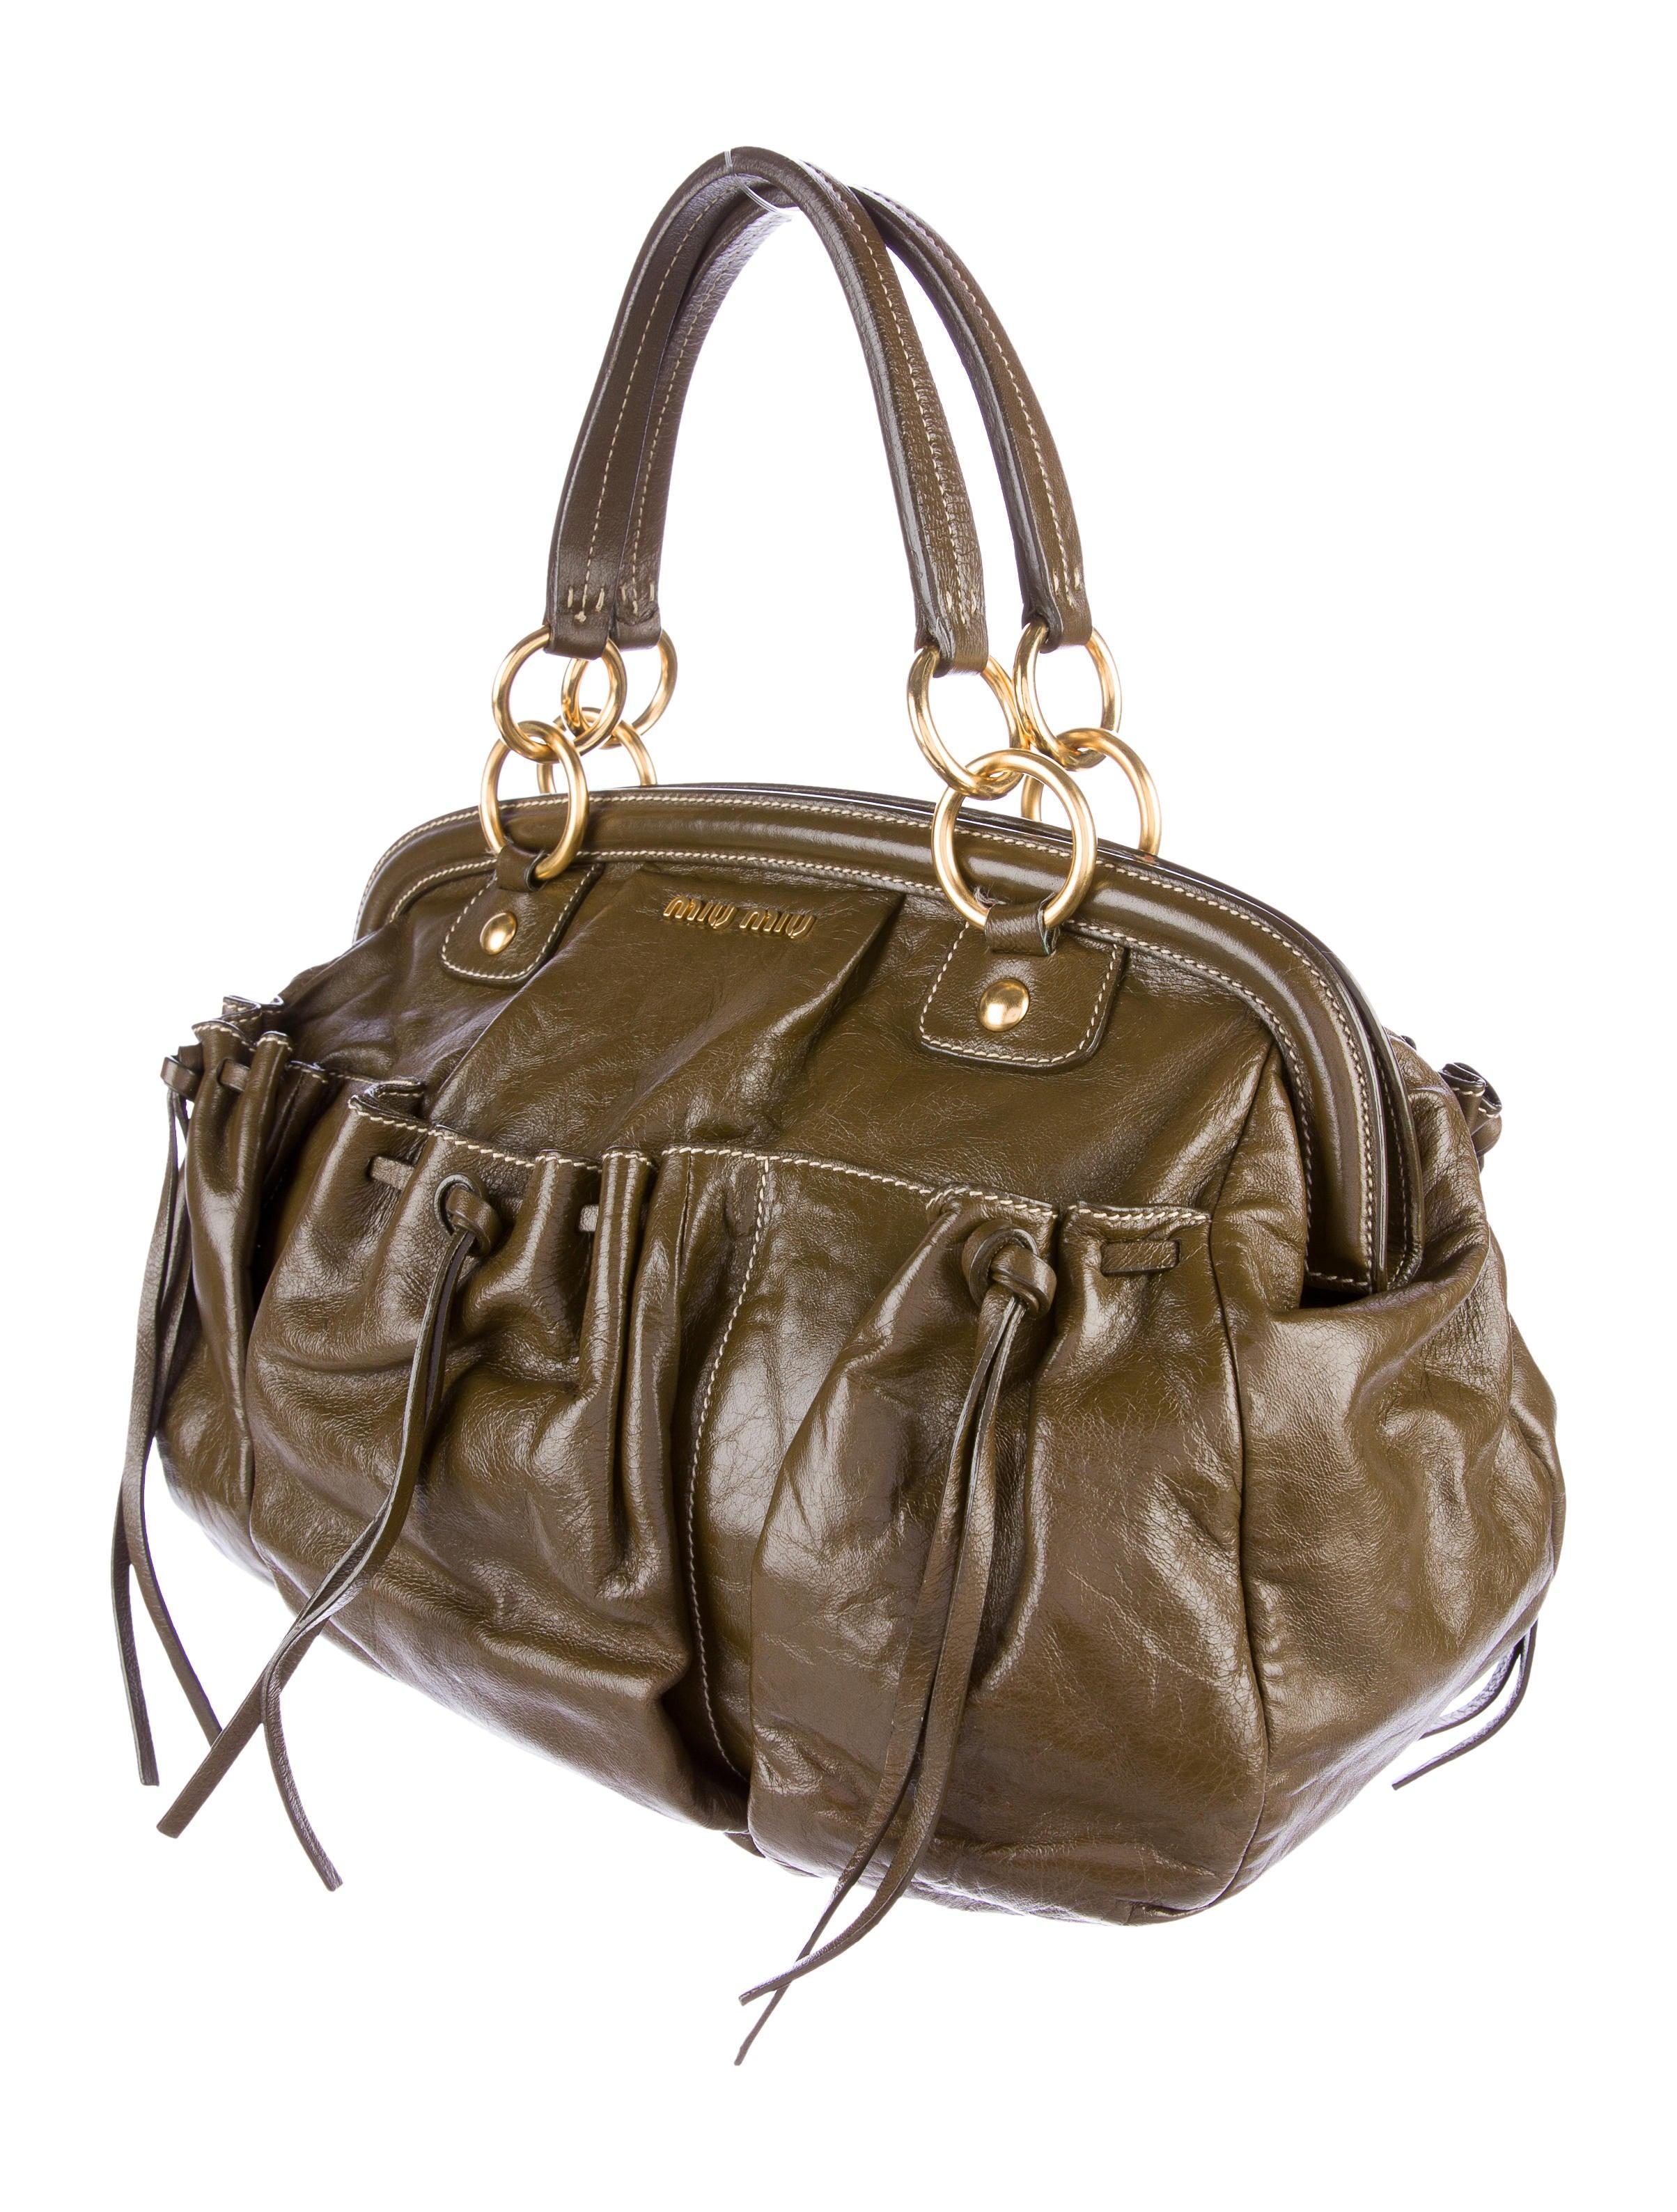 Miu Miu Leather Doctor Bag Handbags Miu51454 The